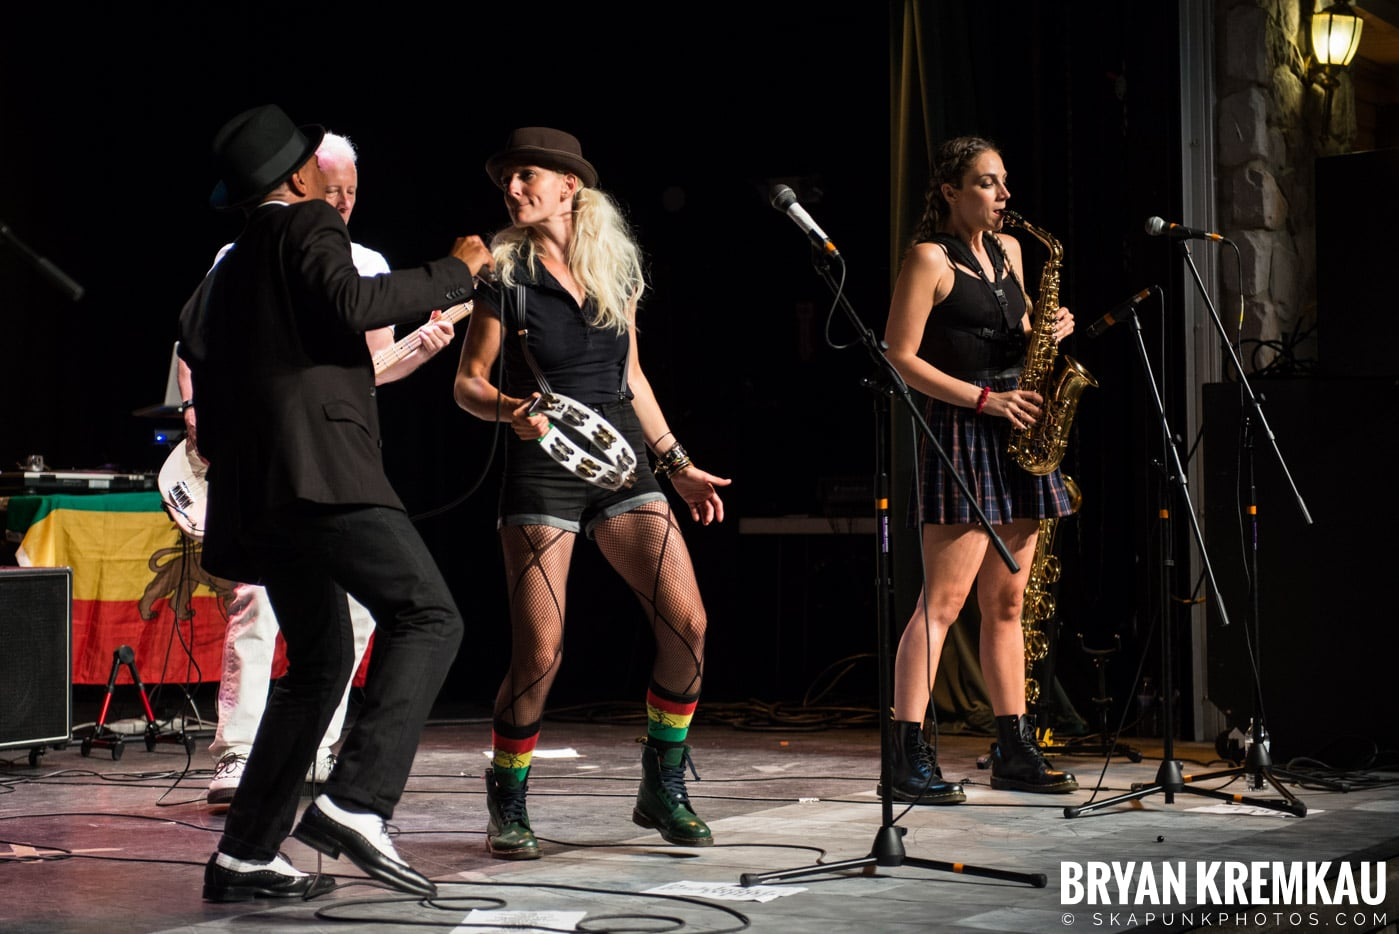 Rude Boy George @ Oskar Schindler Performing Arts Center, West Orange, NJ - 8.19.17 (13)